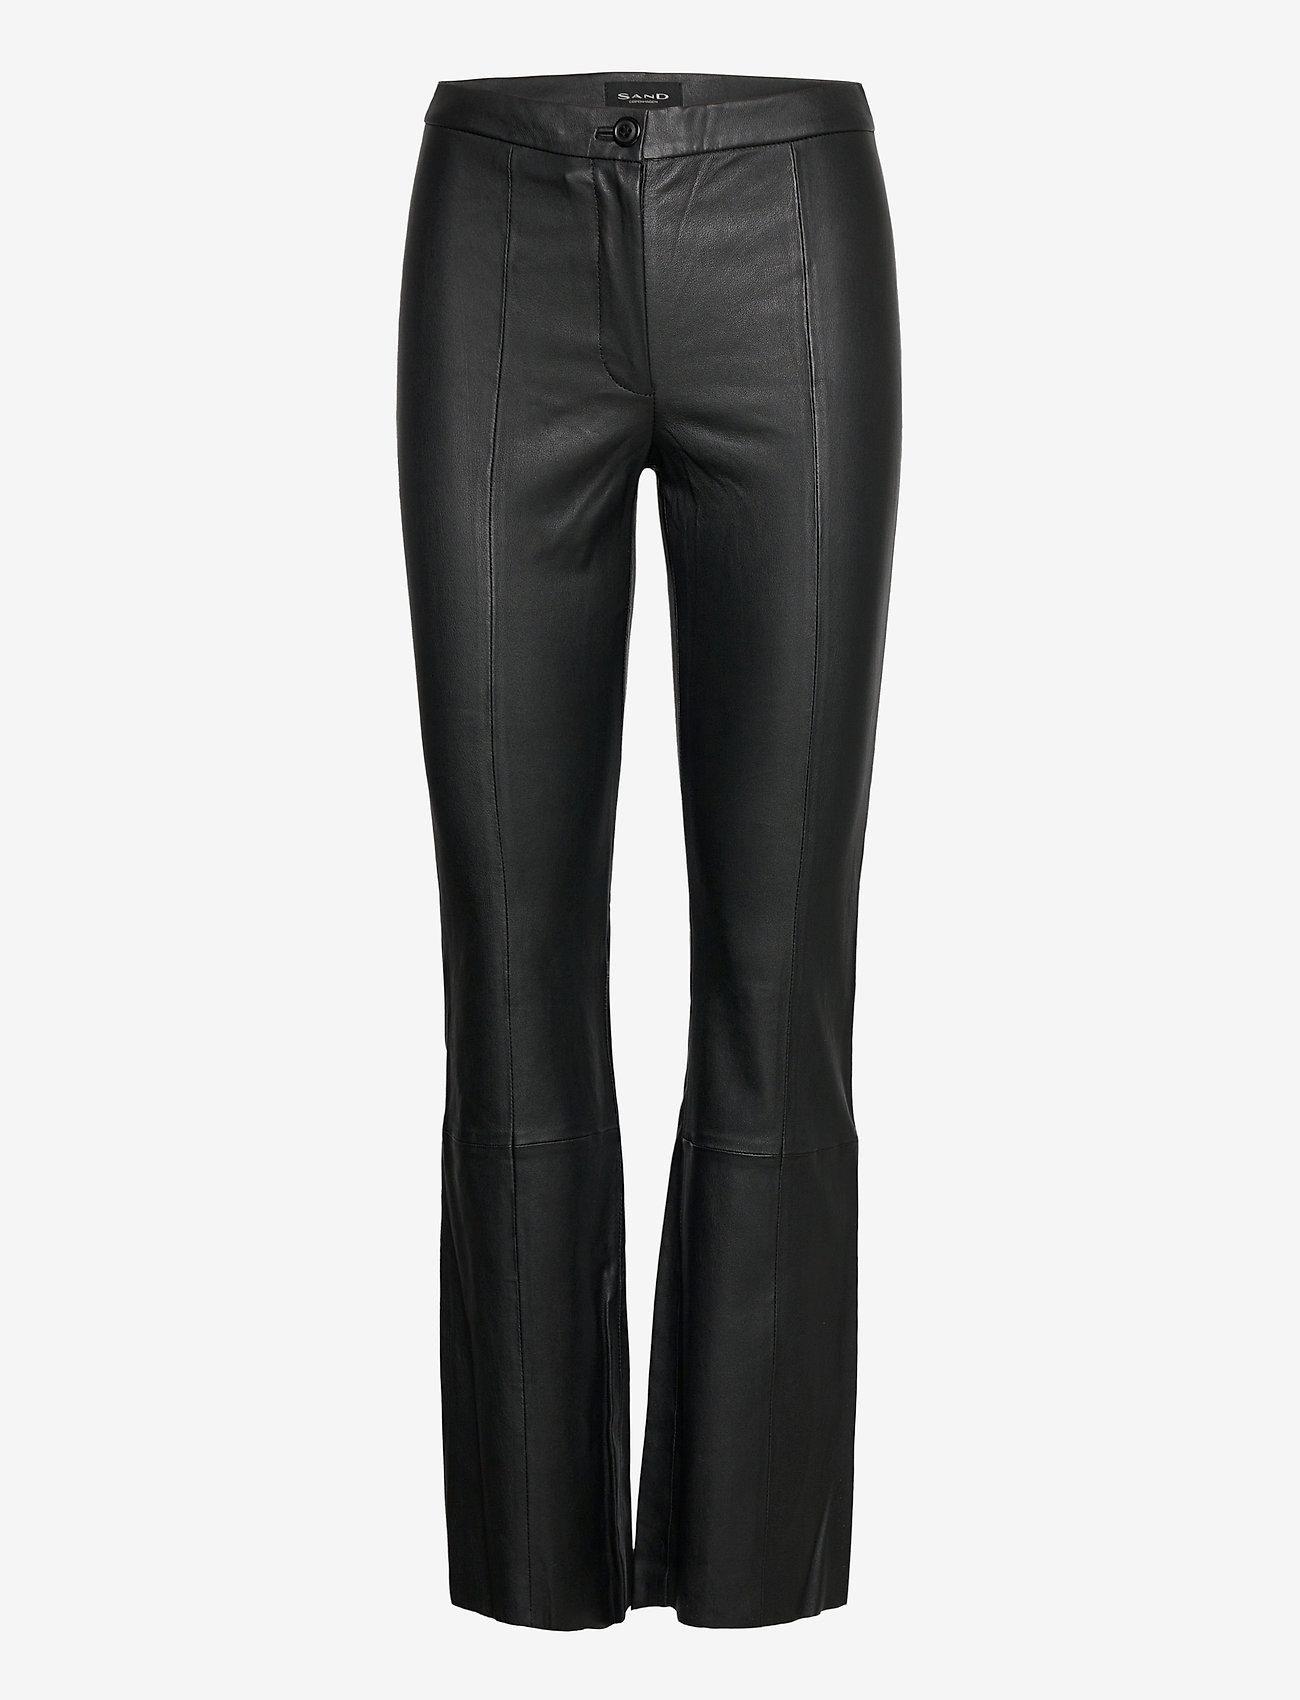 SAND - Stretch Leather - Tennie - nahka - black - 0